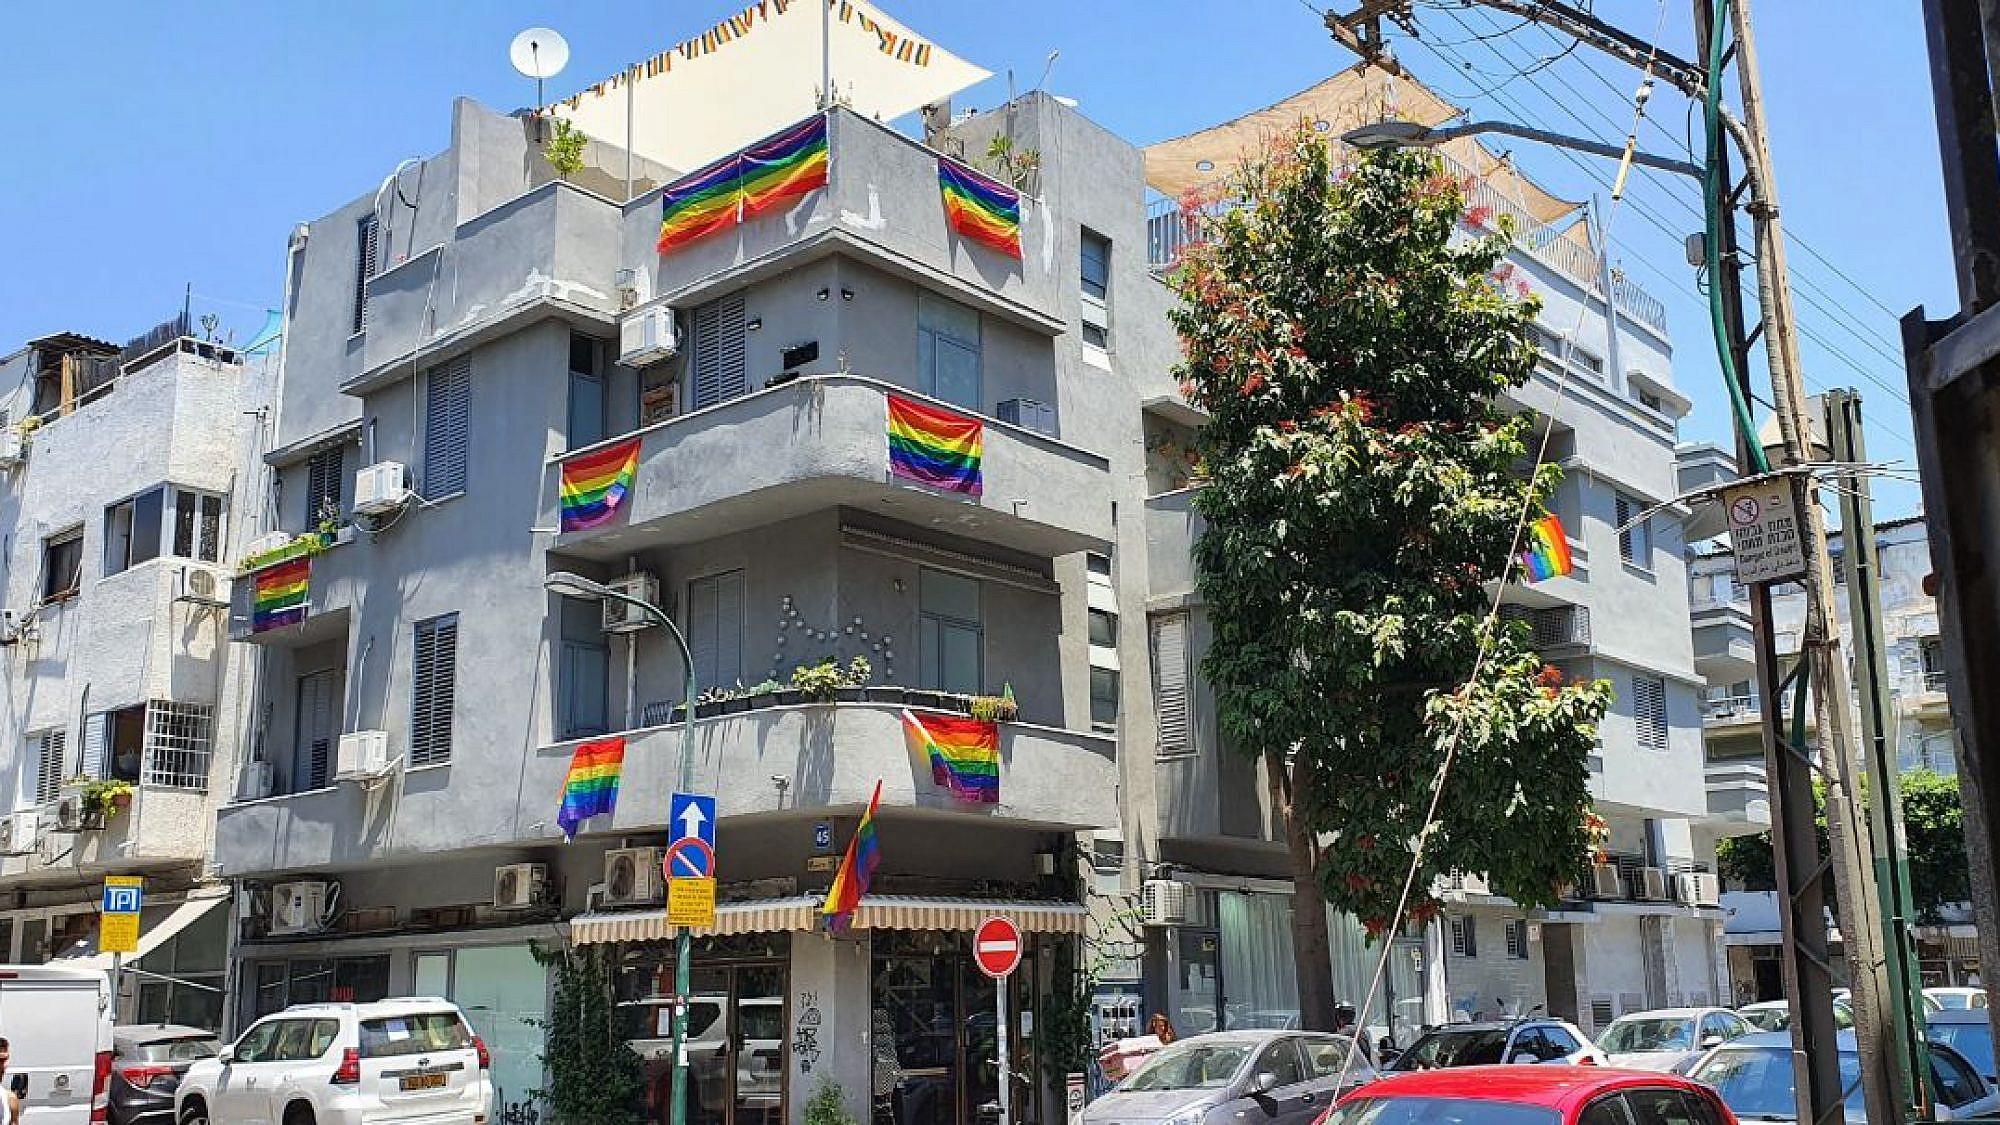 עשרה דגלי גאווה, ועוד אחד מאחורי העץ. שכונת פלורנטין בדרום תל-אביב, יוני 2021 (צילום: אורי וולטמן)